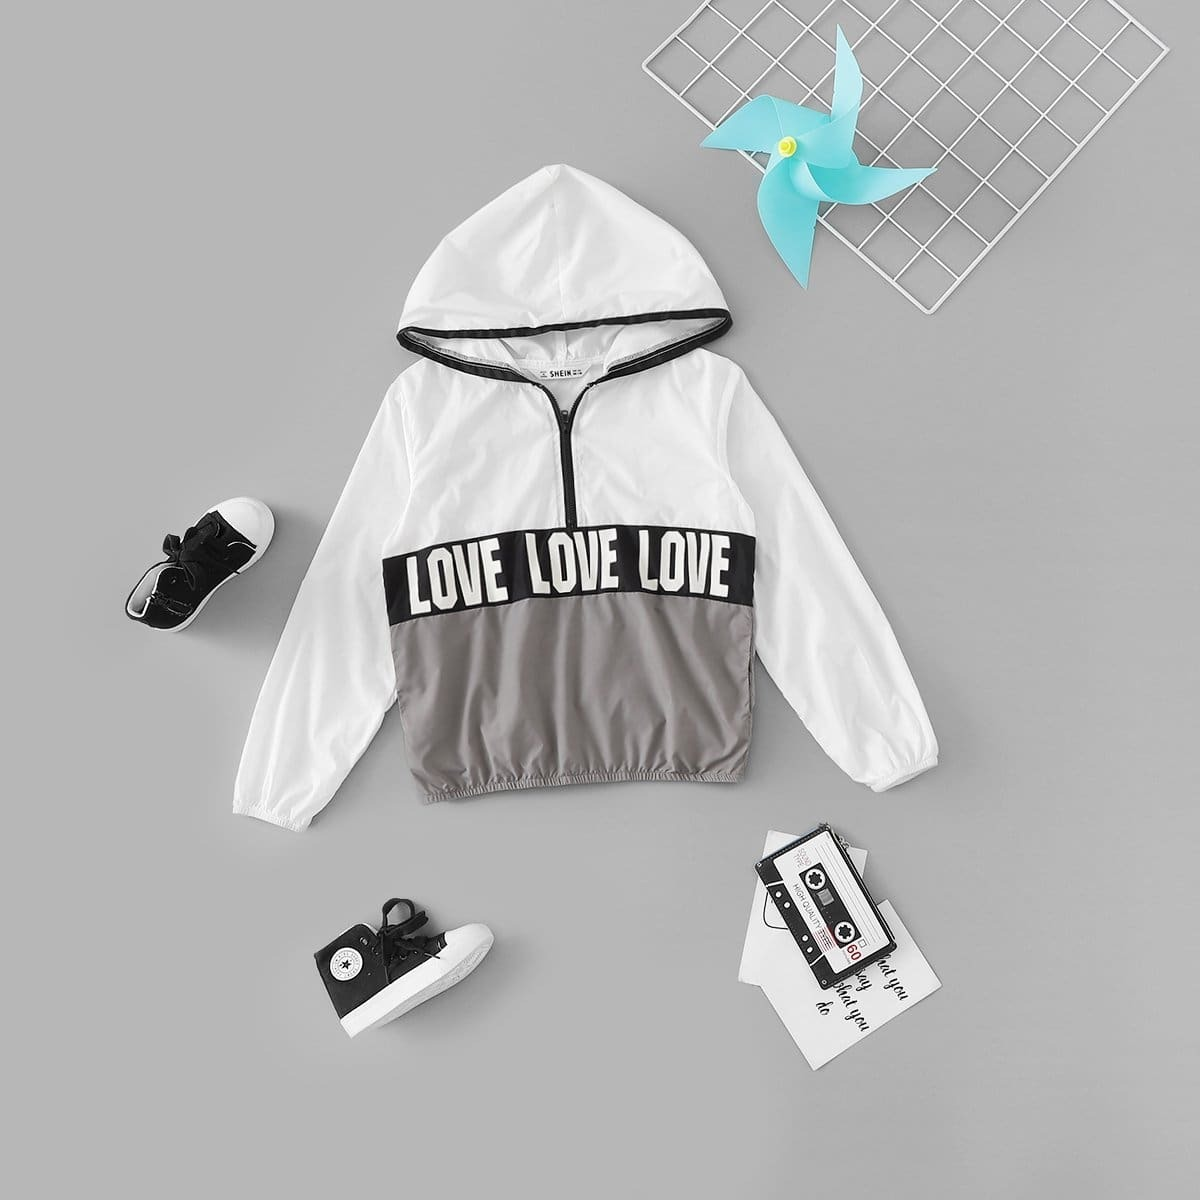 Контрастная куртка с текстовым принтом для девочек от SHEIN